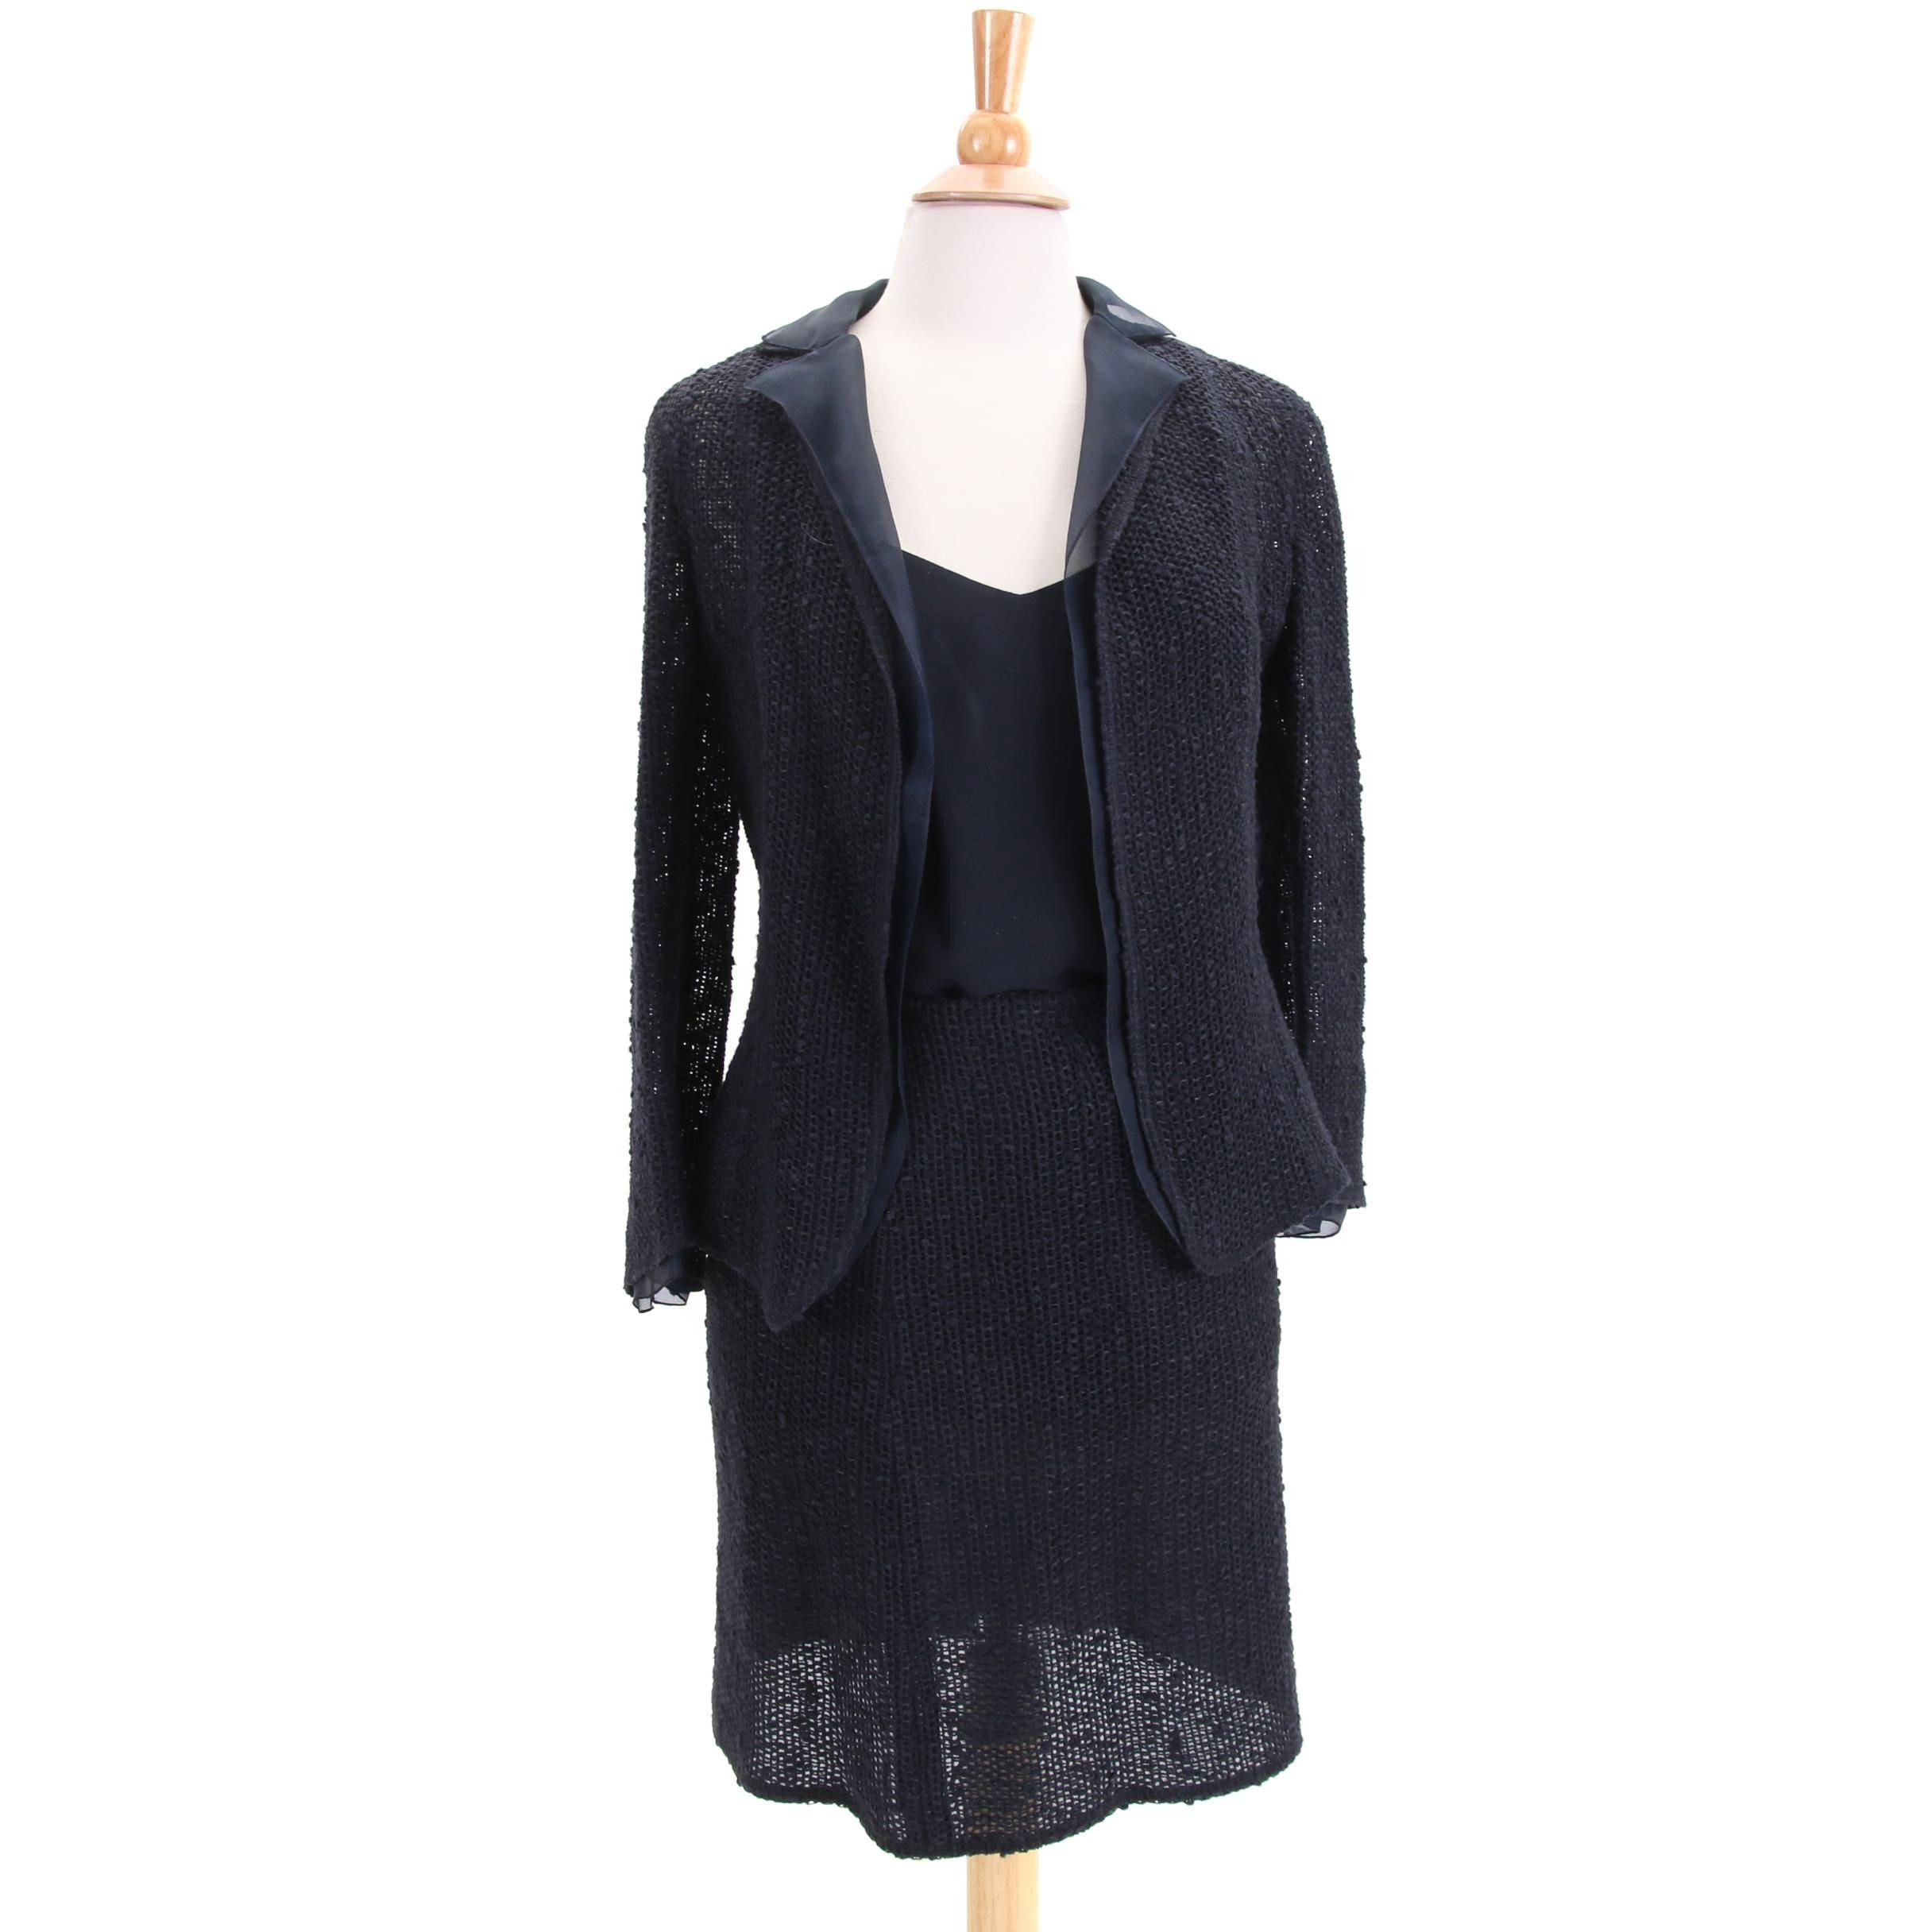 Akris Dark Navy Knit Skirt Suit with Silk Tank